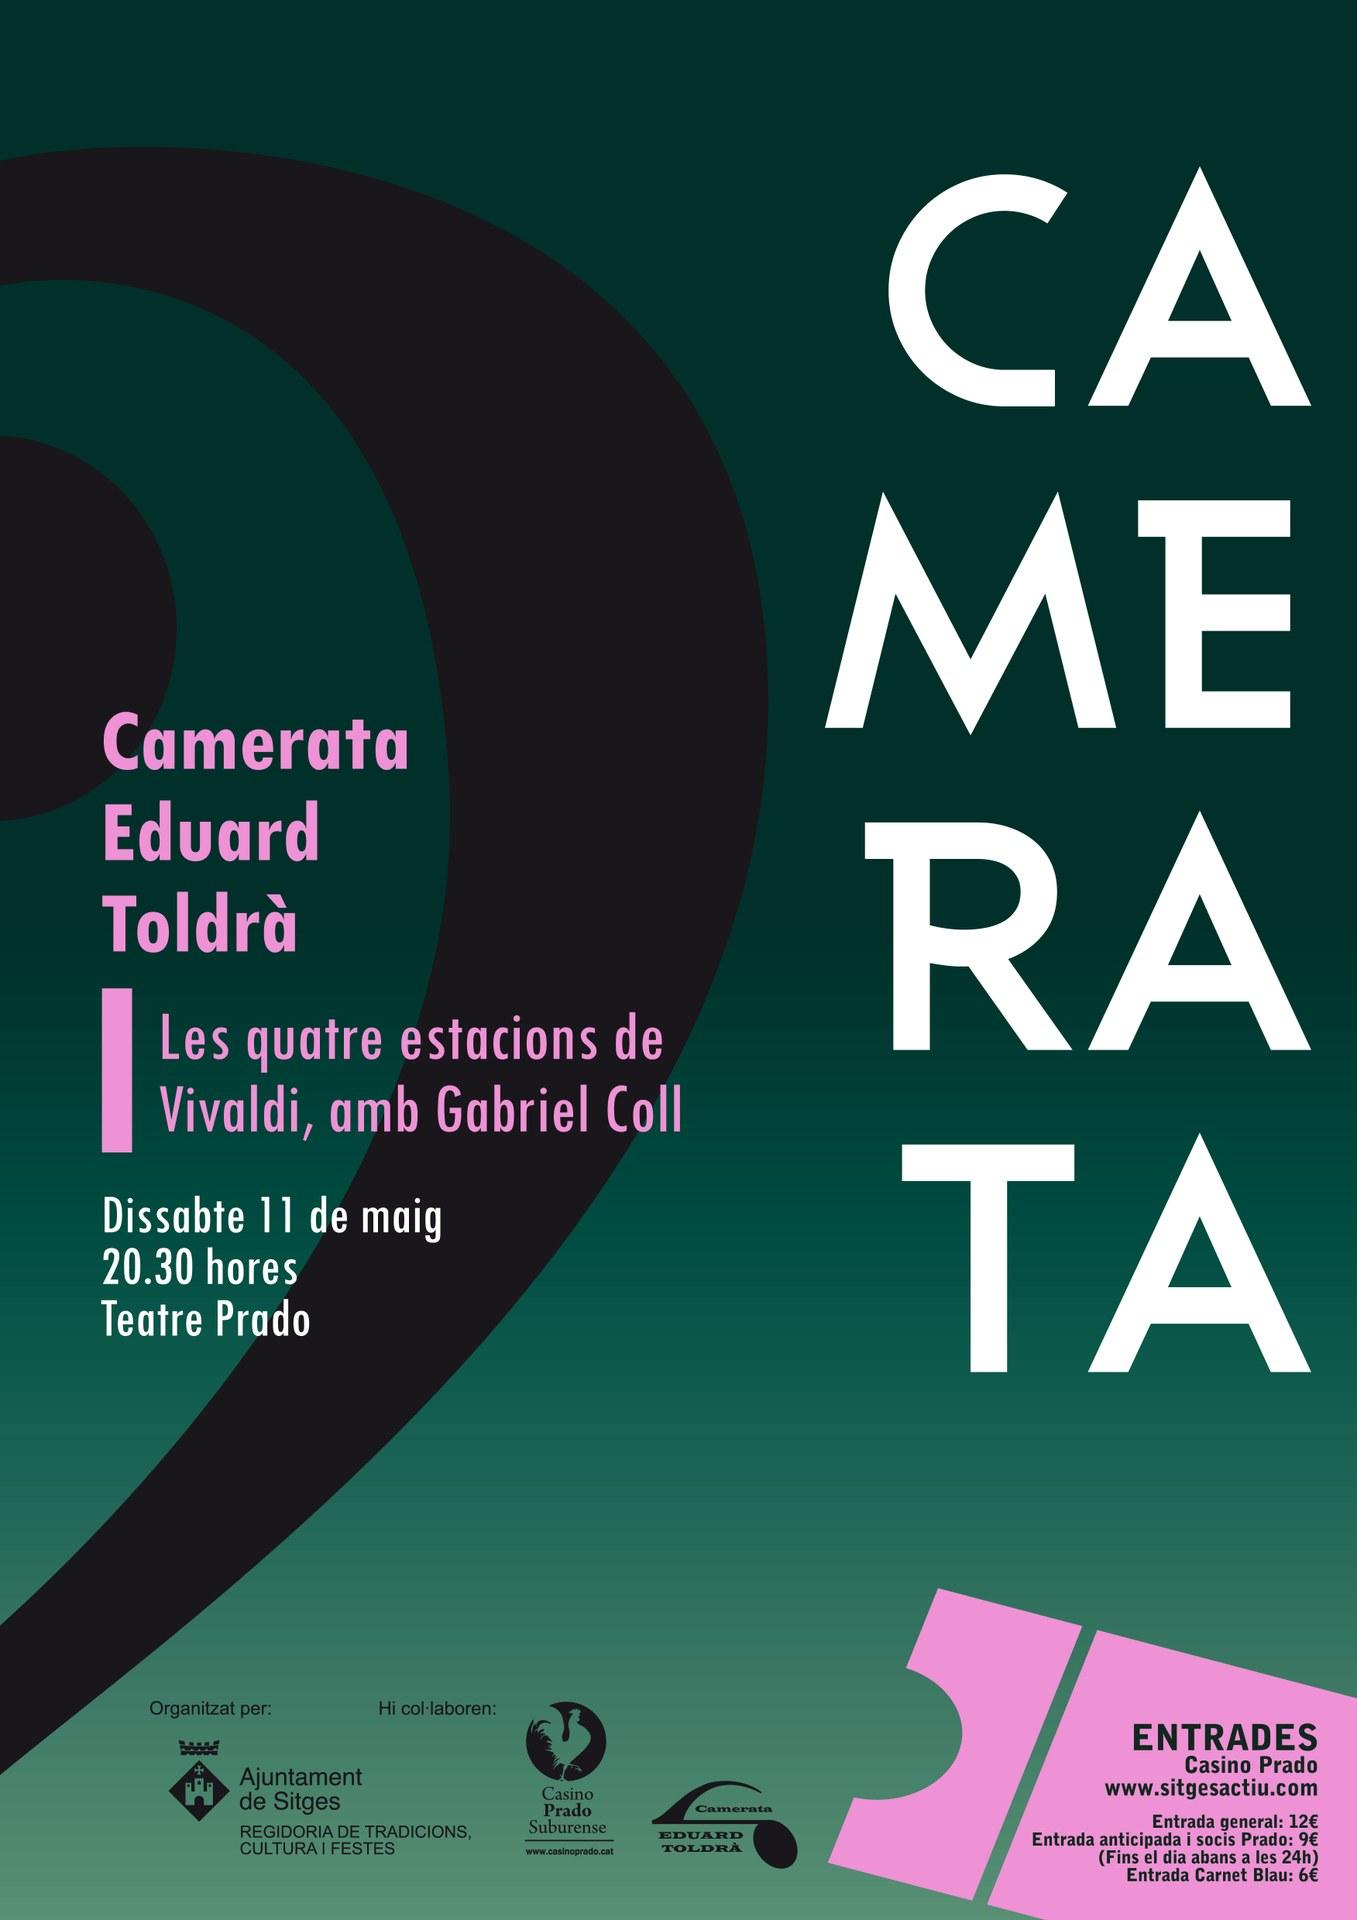 Cicle de concerts de la Camerata Eduard Toldrà